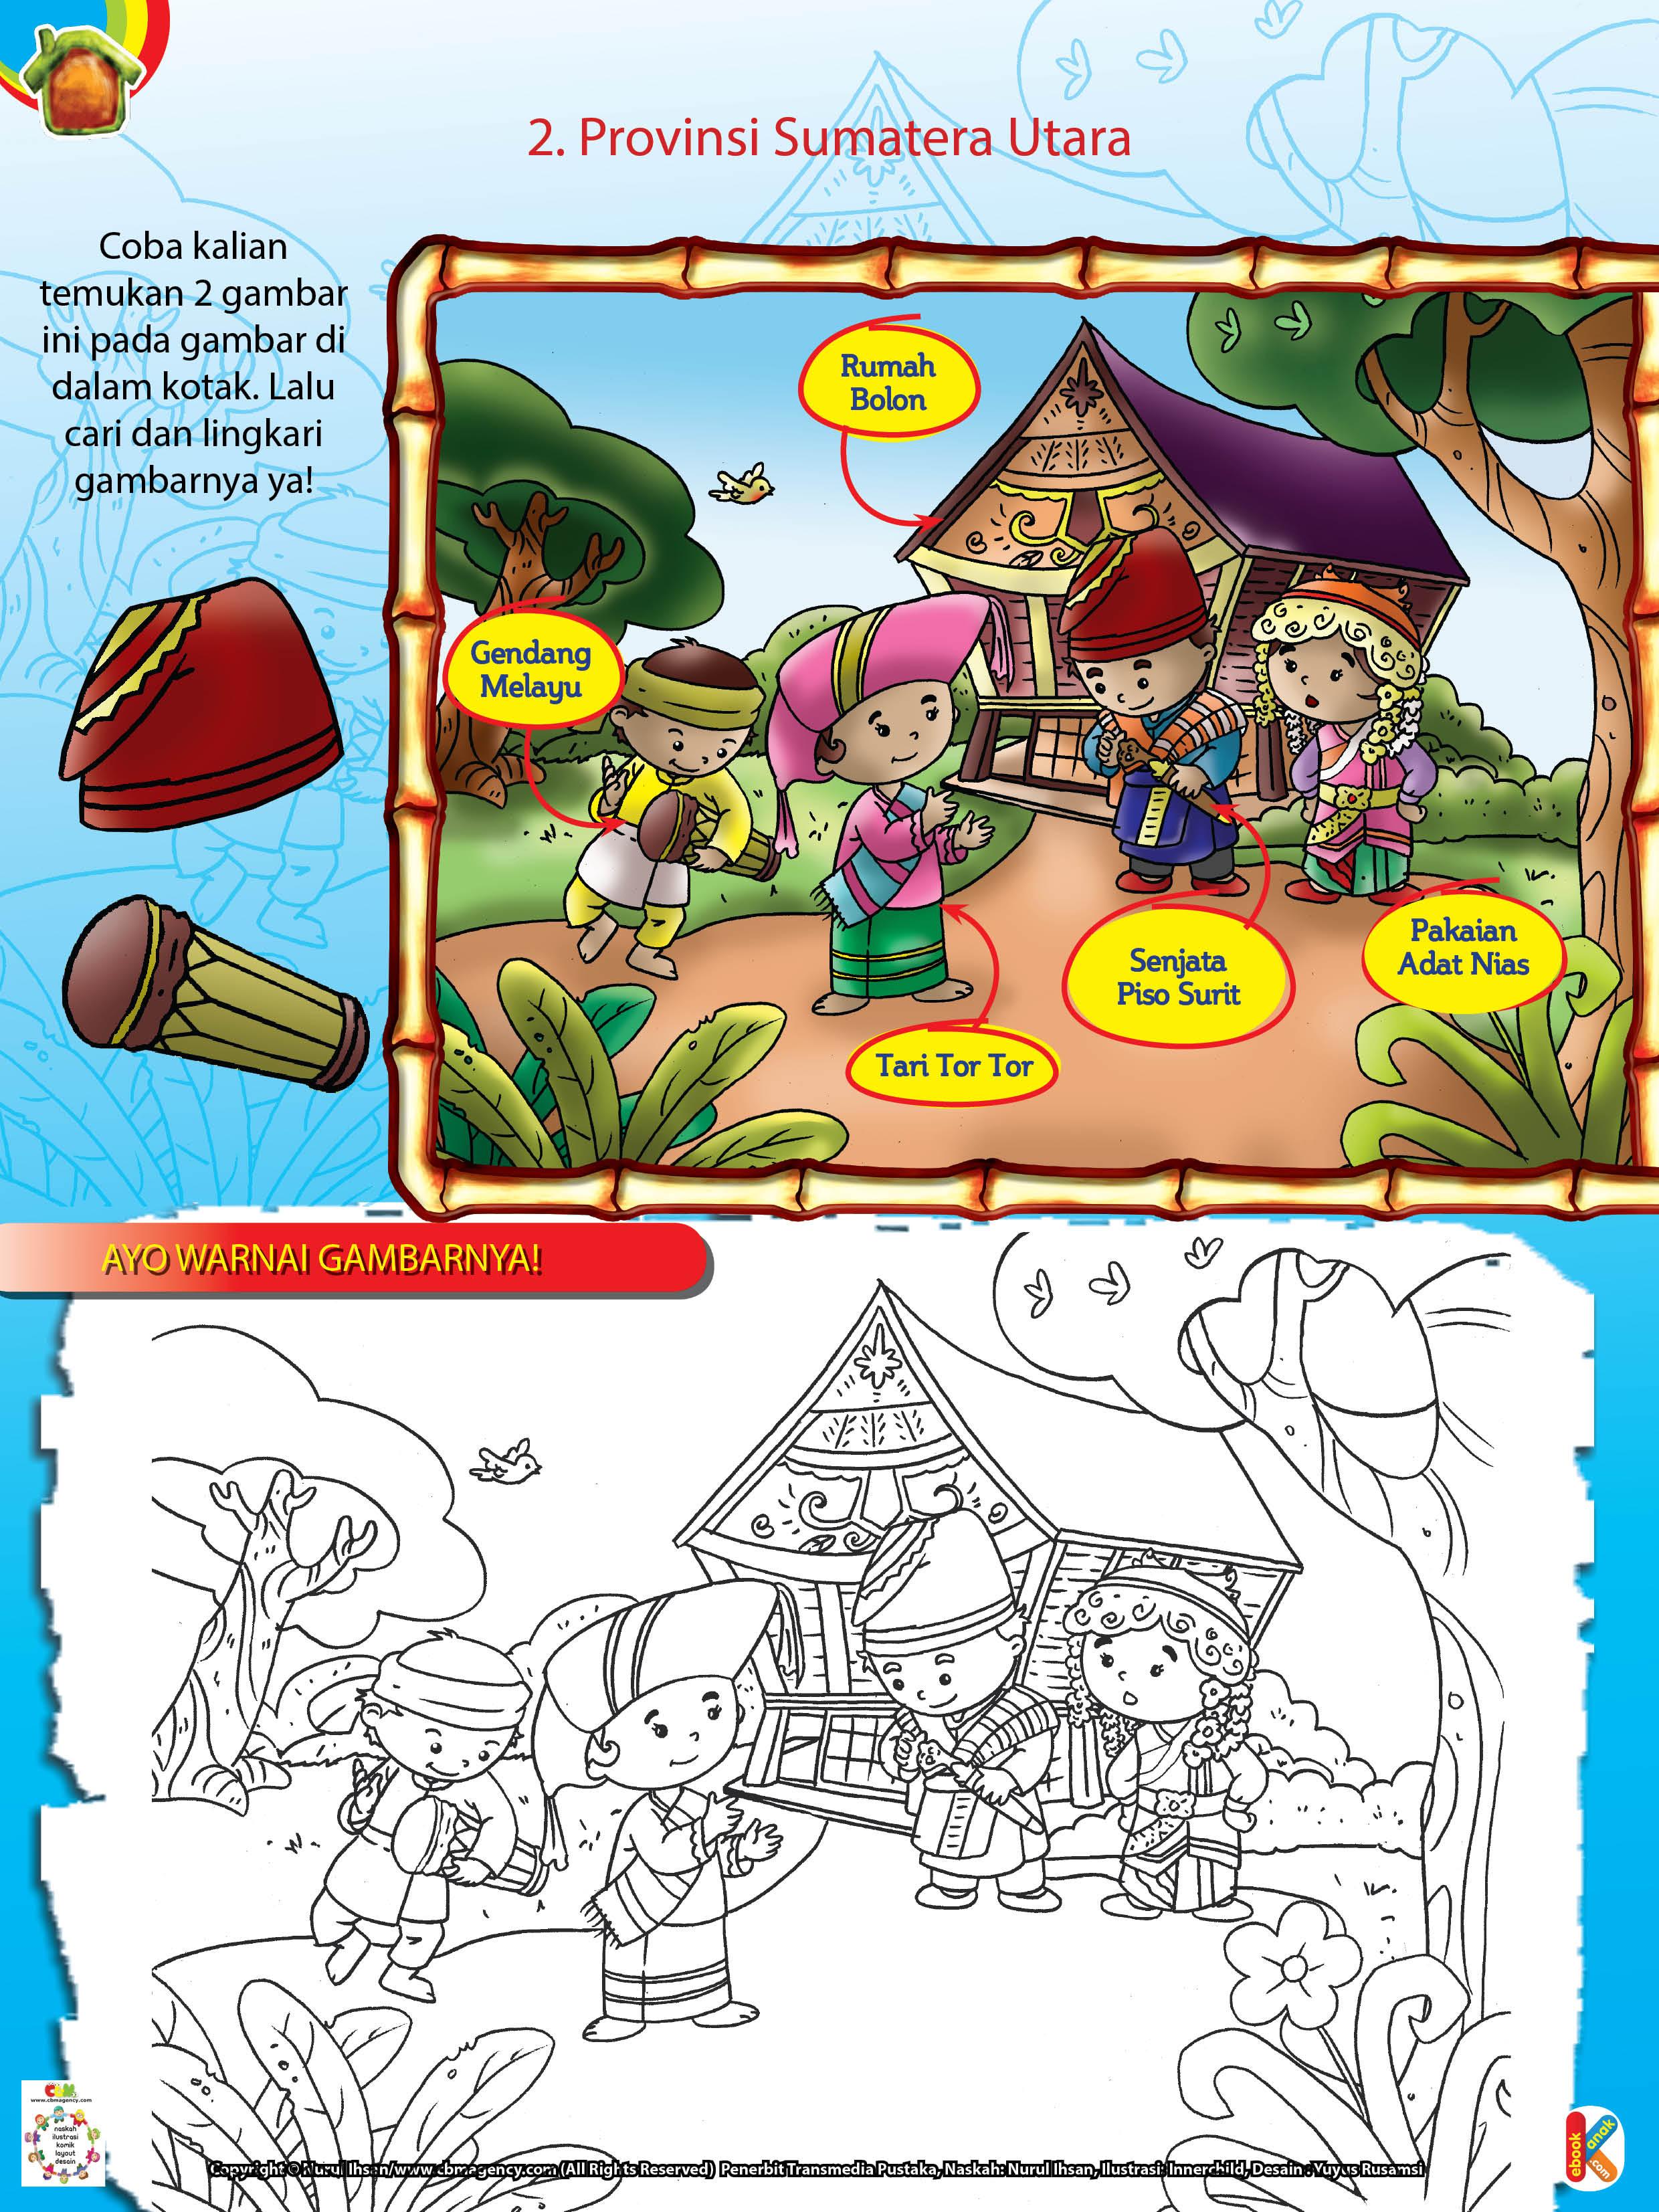 bahasa daerah di provinsi sumatera utara adalah Batak